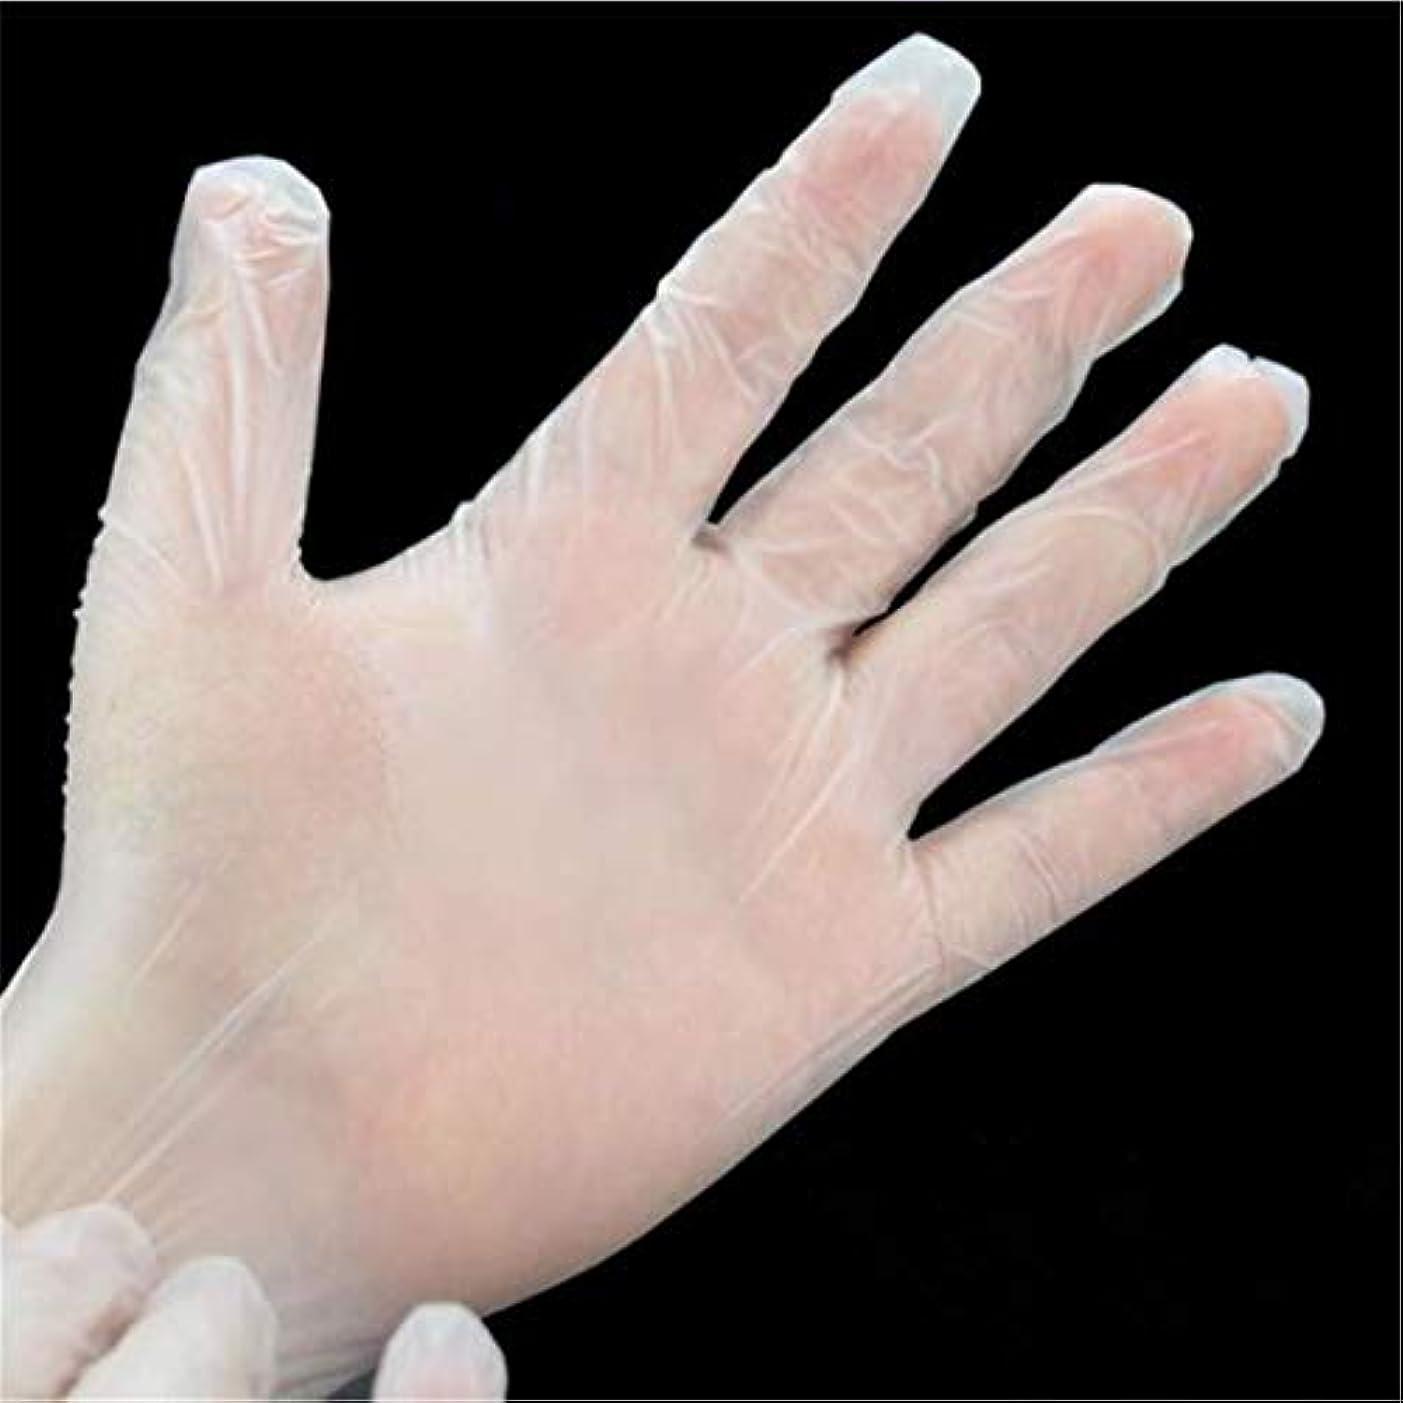 コマース加速する関係kaiwuyu 使い捨て手袋 ポリエチレン手袋 極薄ビニール手袋 ポリエチレン 透明 実用 衛生 50枚 高質